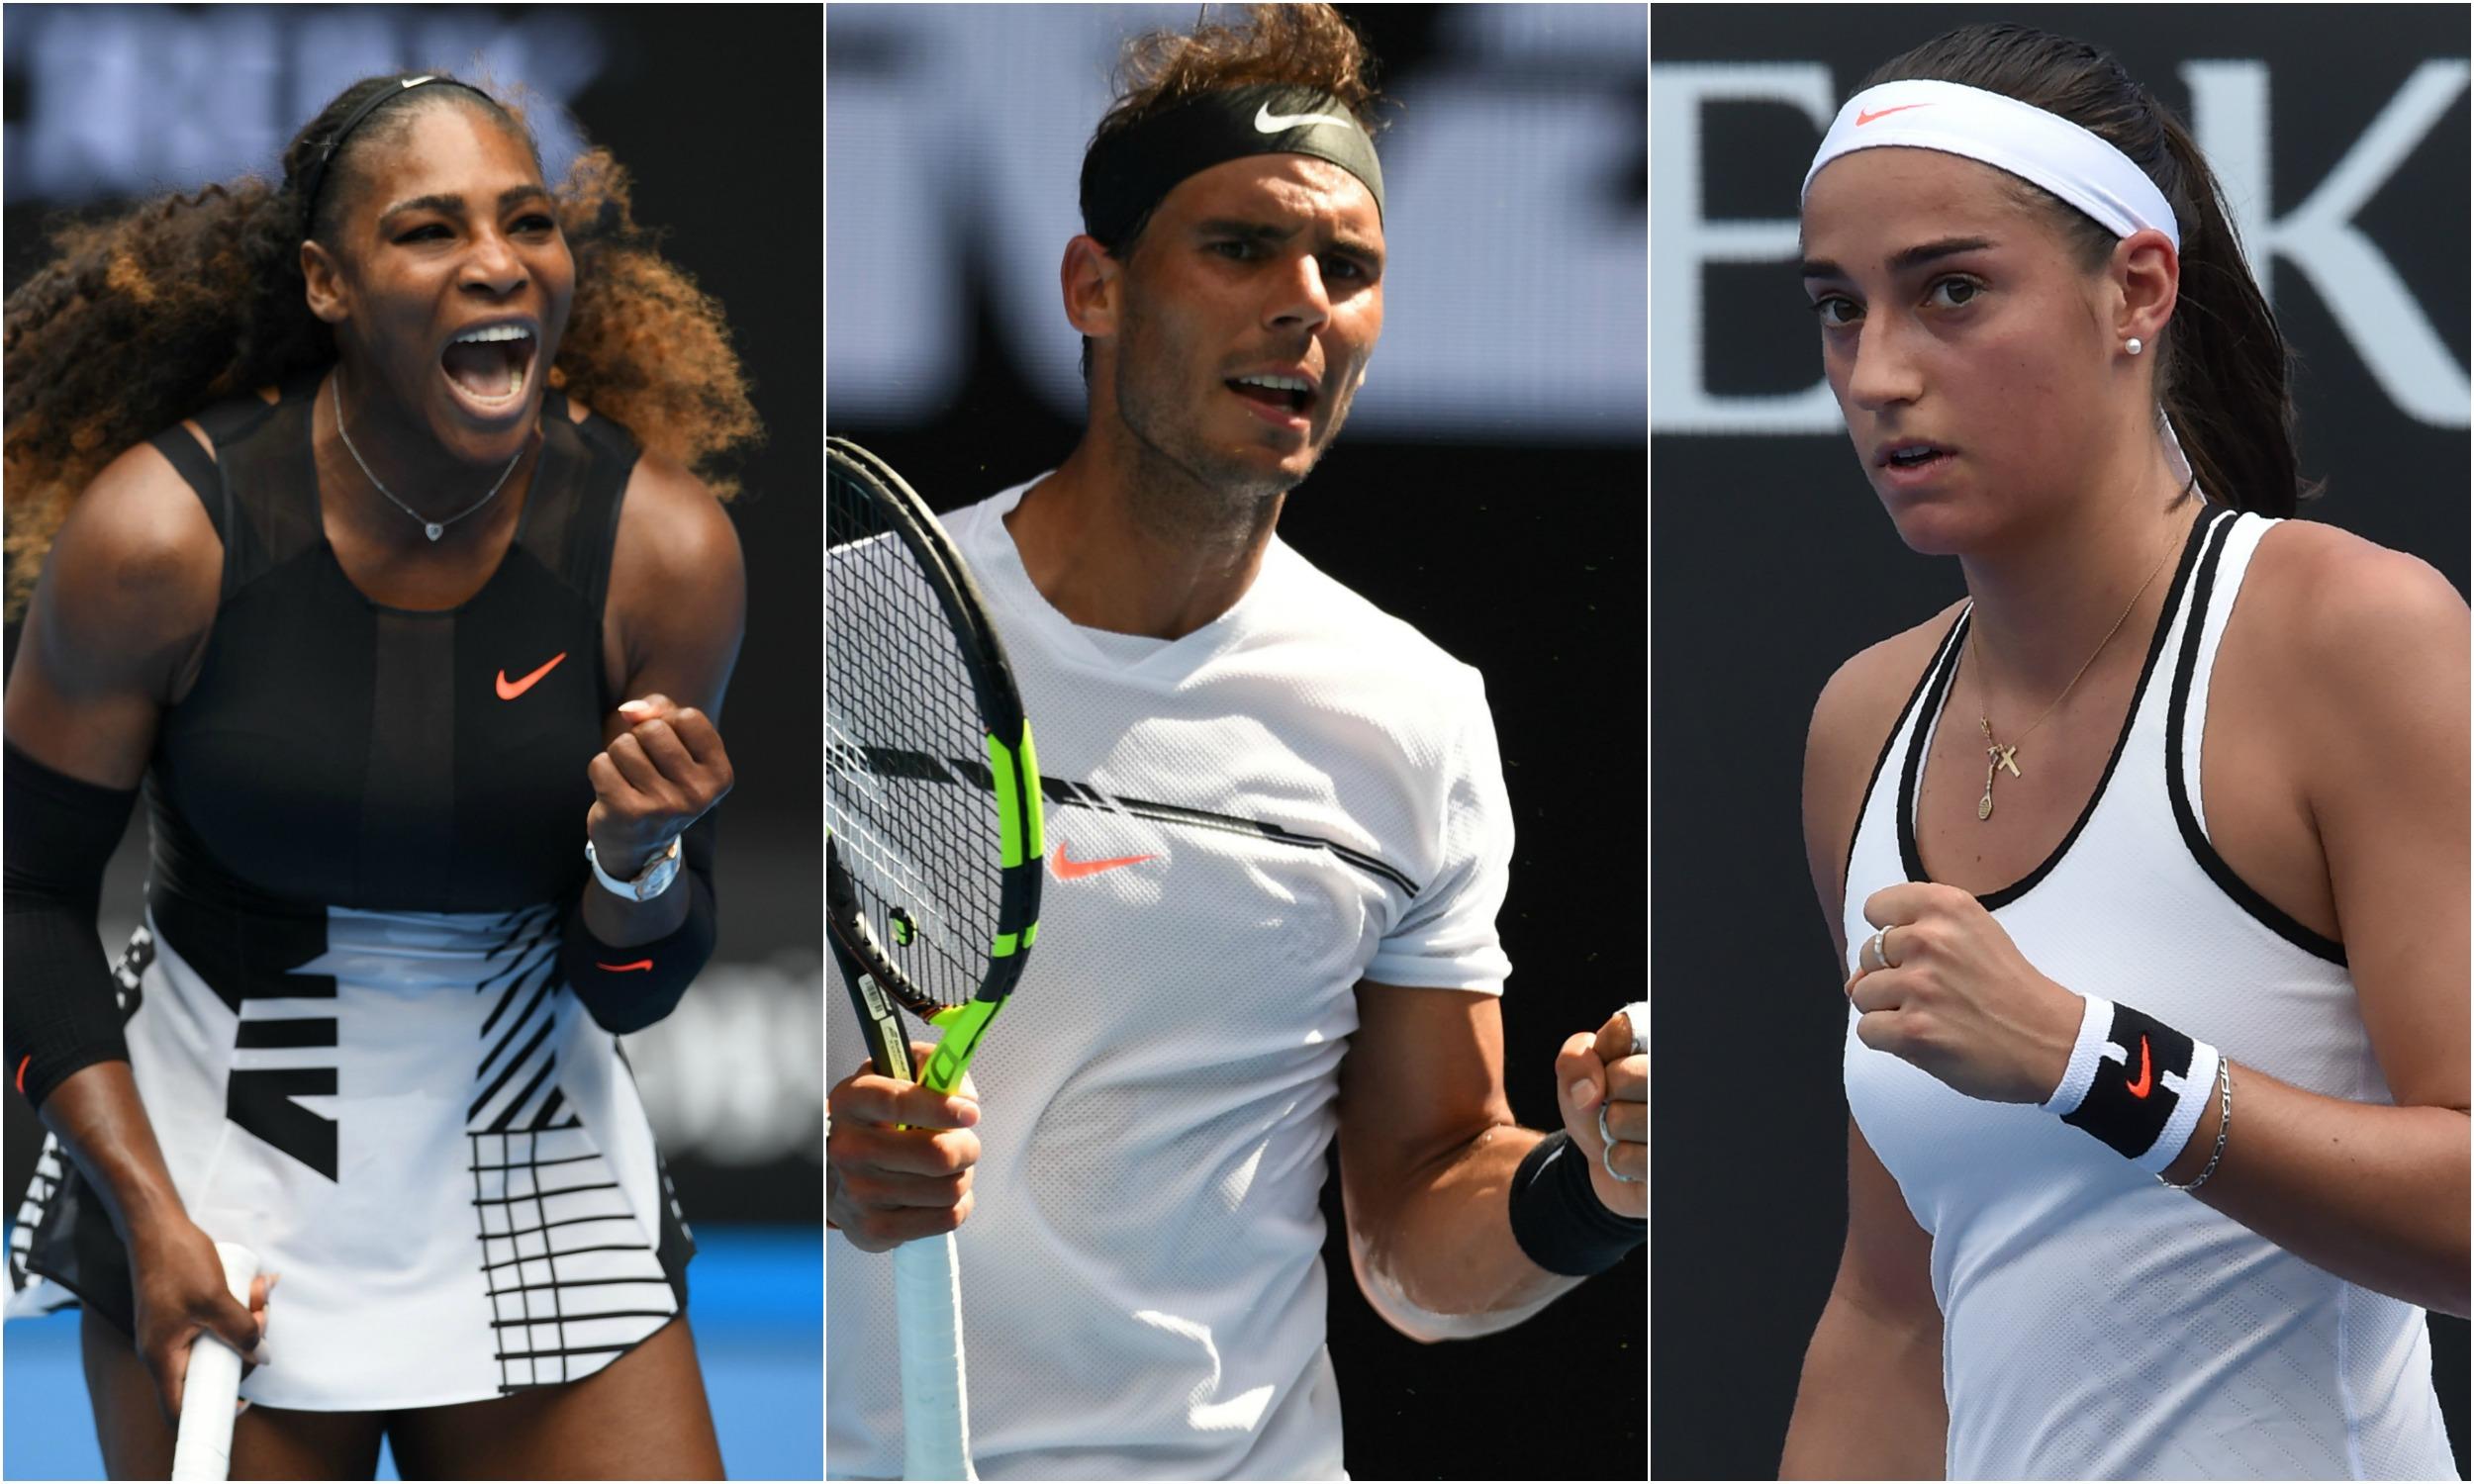 Tennis - Open Australie - Nadal, Serena, Garcia : ce qu'il faut retenir de la nuit à Melbourne